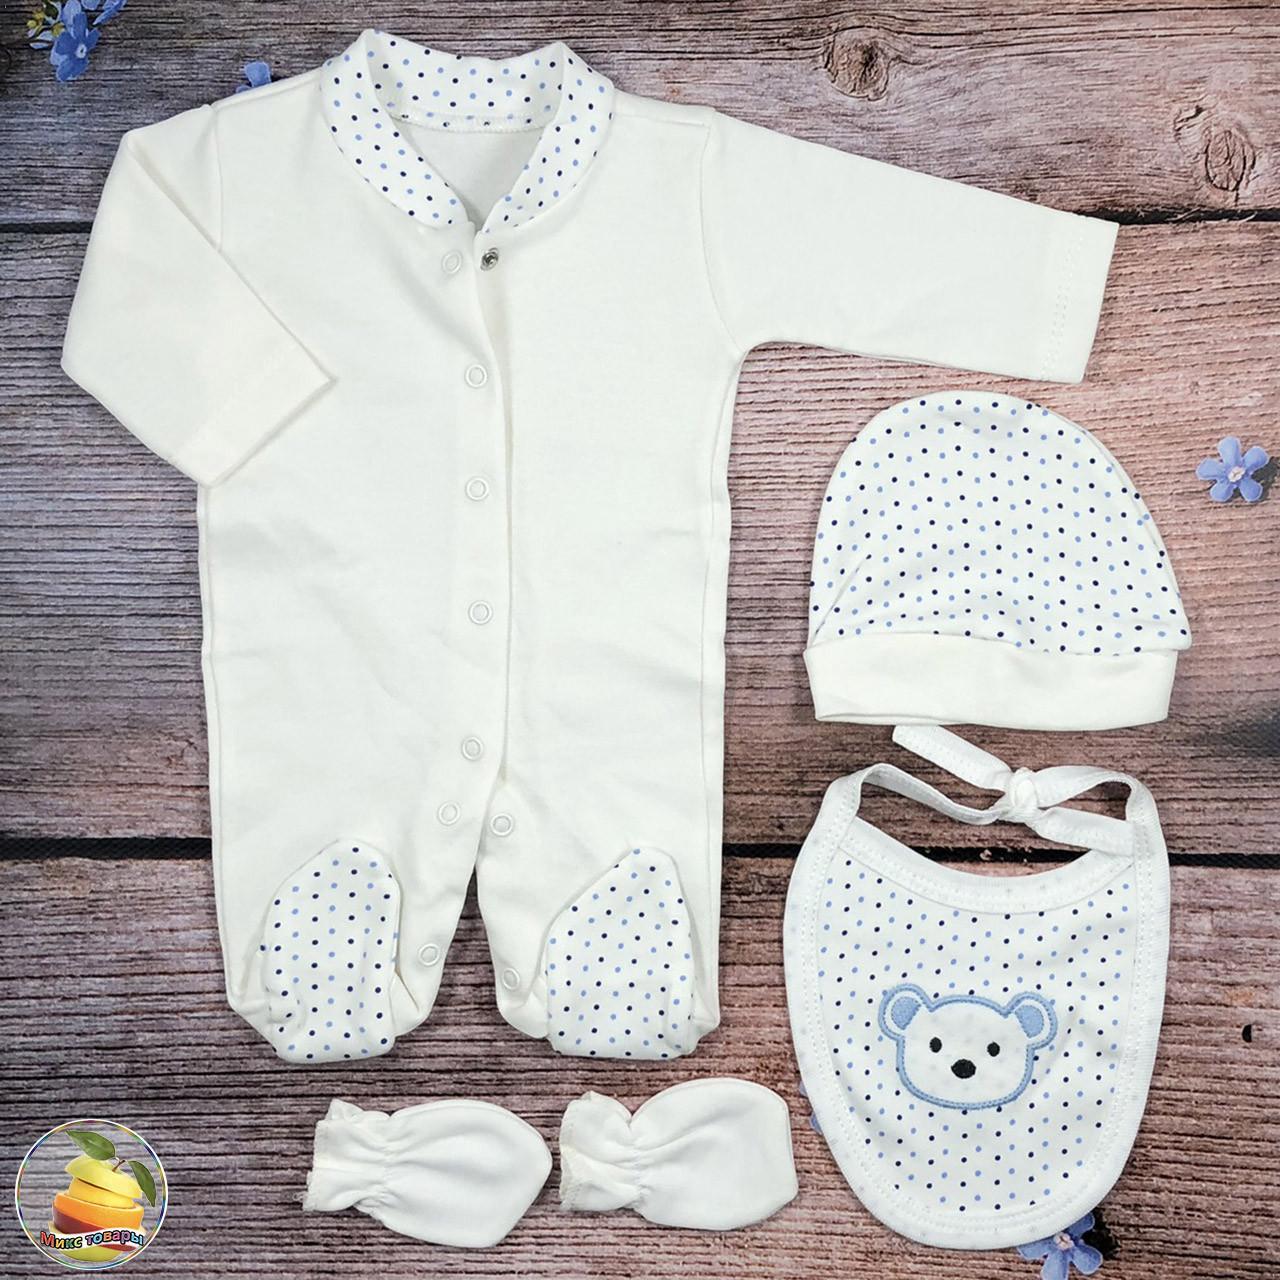 Комплект одежды для новорождённого мальчика Рост: 50- 56 см (9322-3)